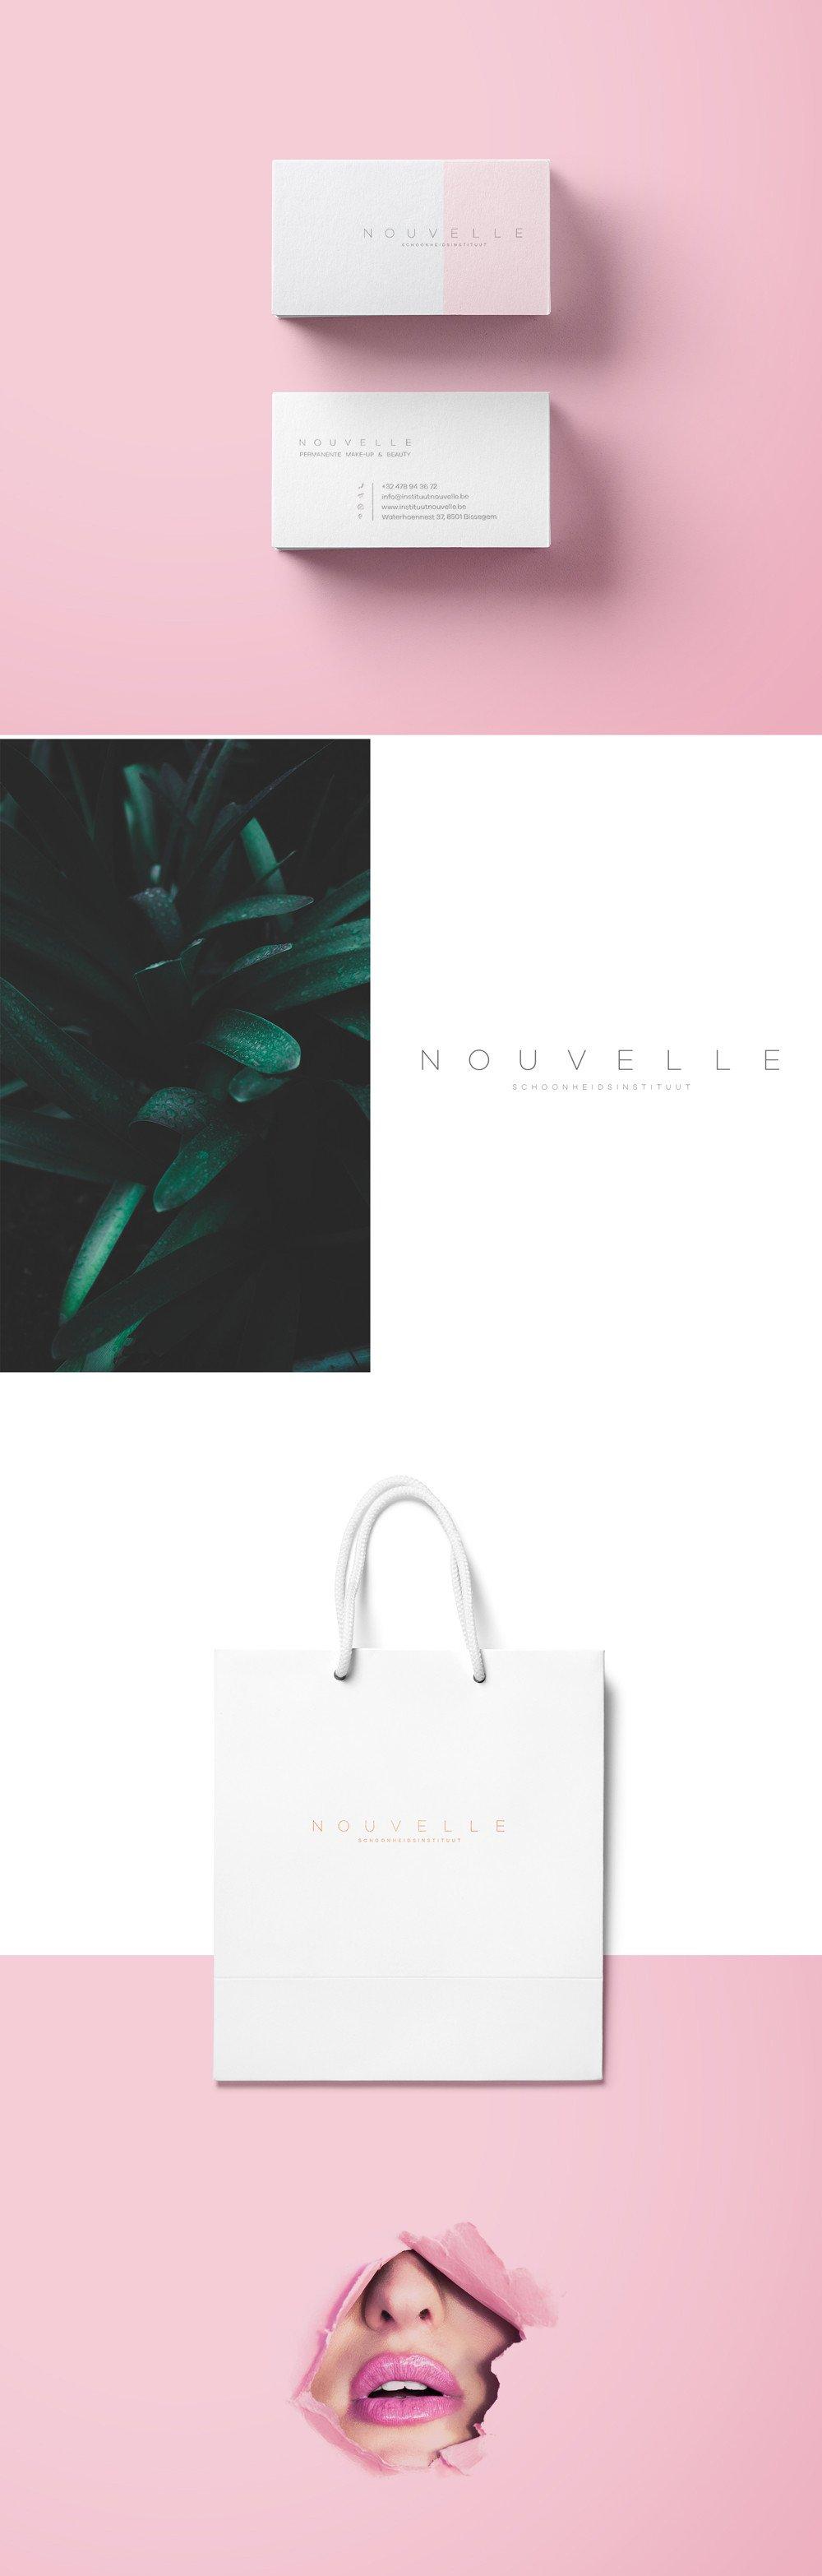 NOUVELLE_Poster-Mockup_2.jpg